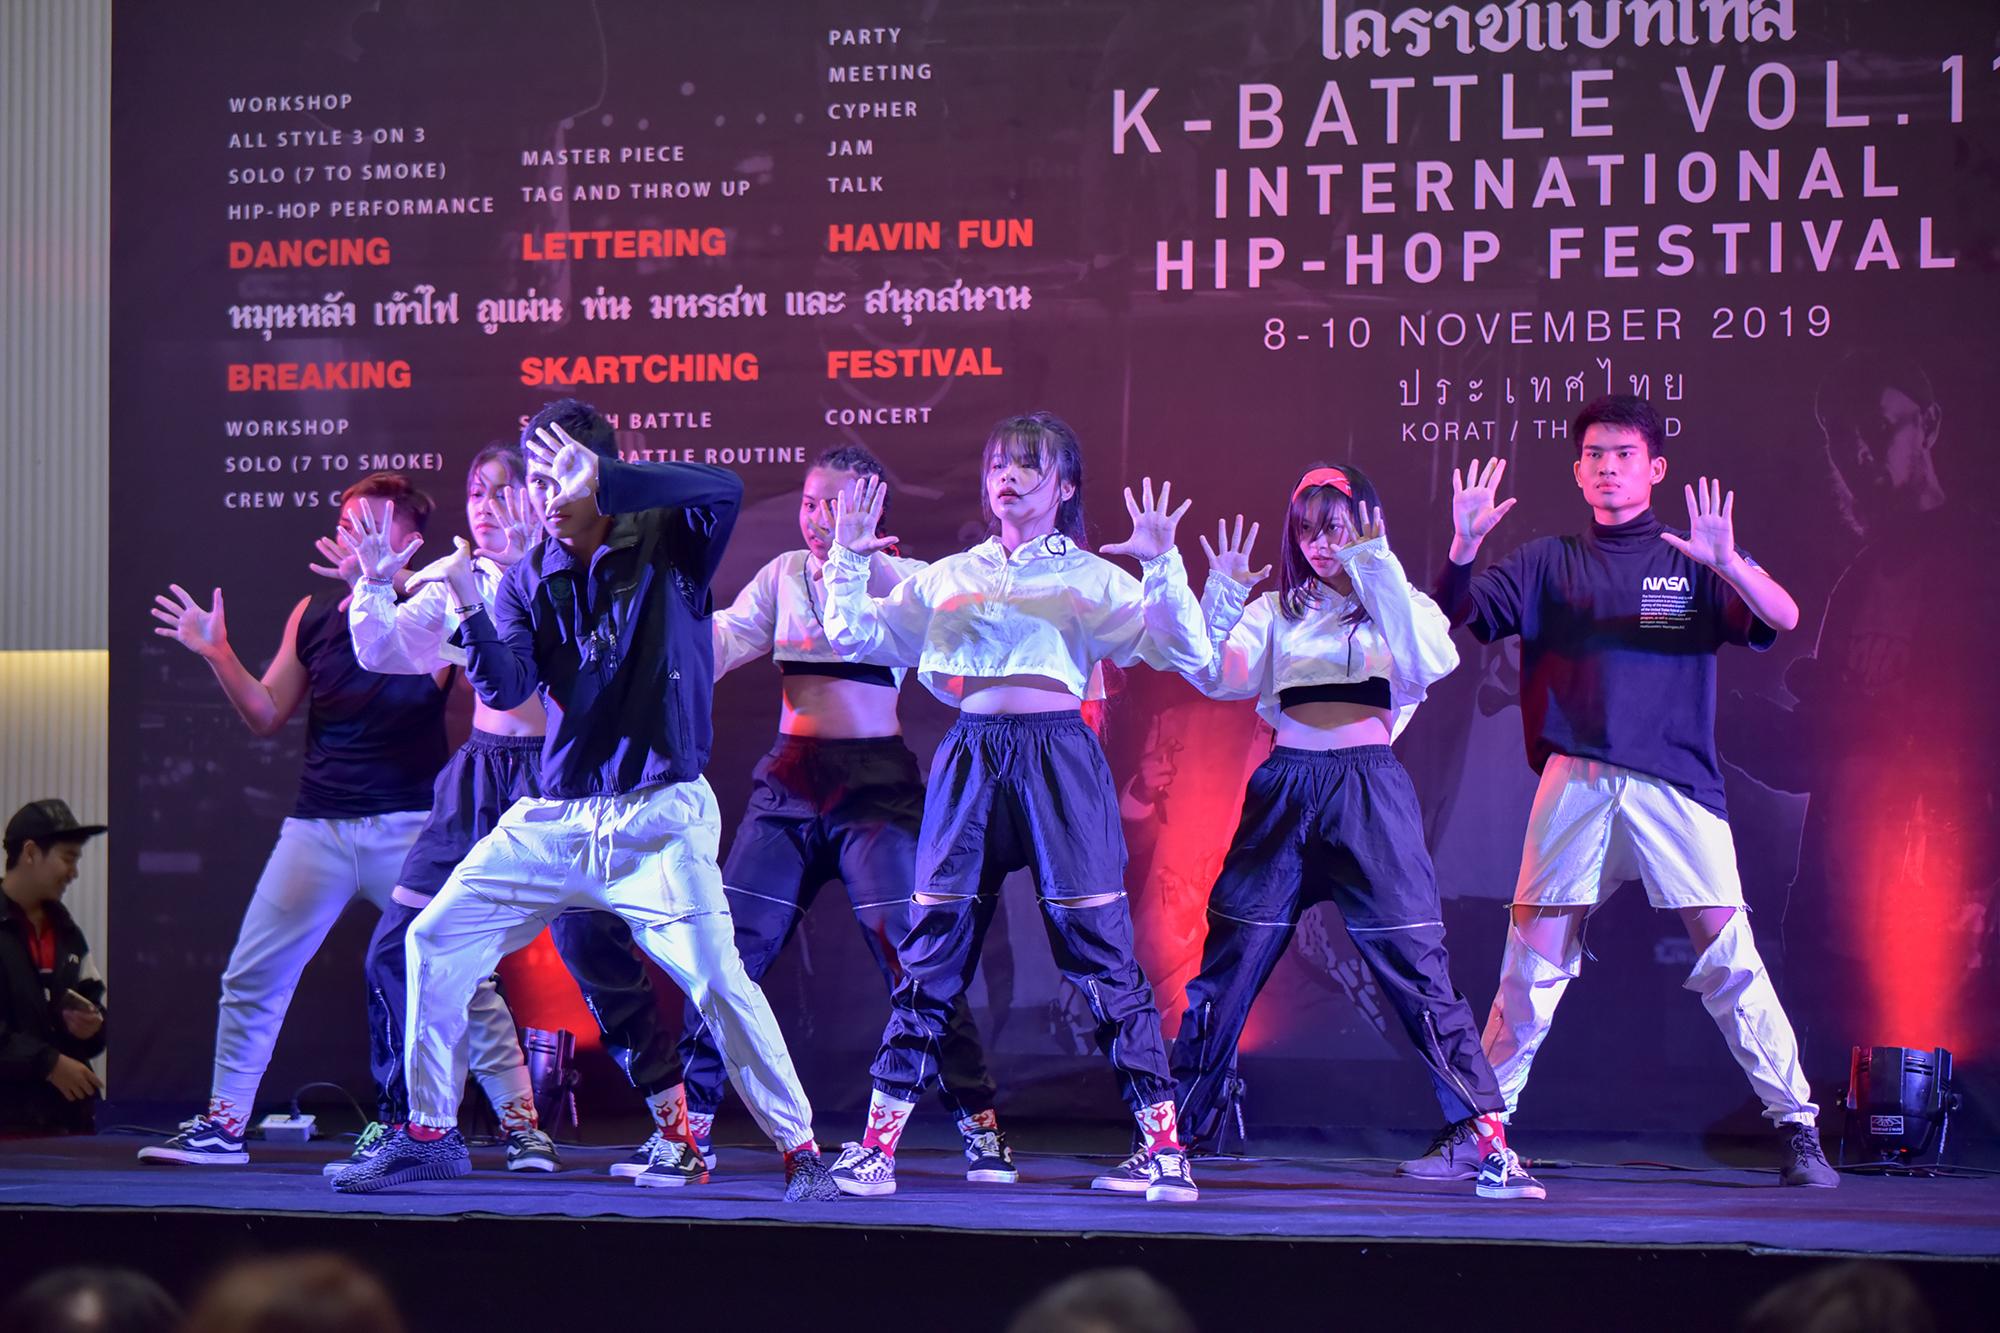 """ถูกใจขาโย่!..โคราชเตรียมจัดเทศกาลฮิปฮอปนานาชาติ """"K-BATTLE 2019"""" เวทีแลกเปลี่ยนวัฒนธรรมและกระตุ้นเศรษฐกิจระหว่างประเทศ"""